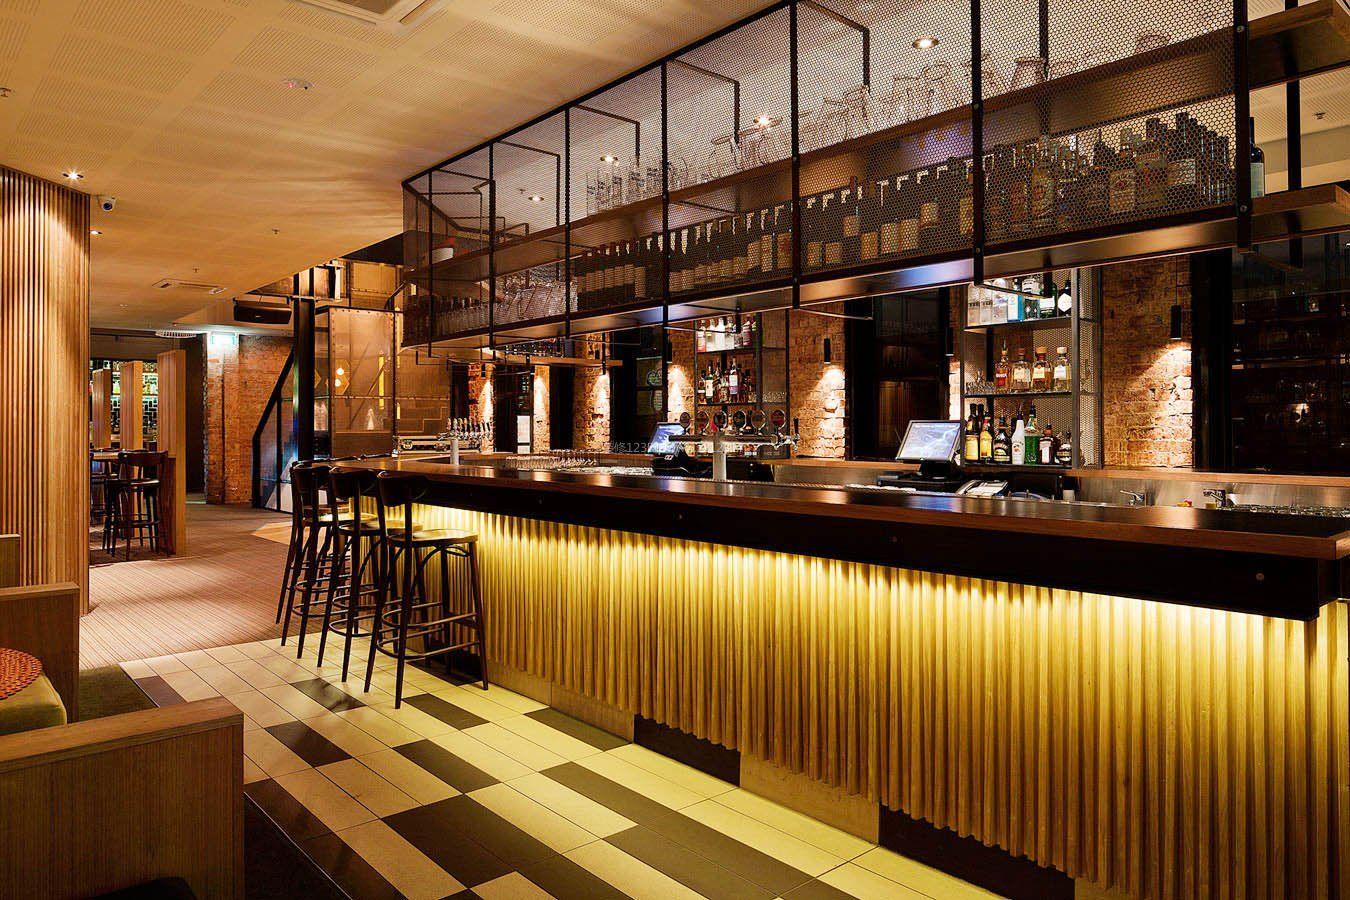 酒吧工业风格吧台图片_酒吧吧台设计风格图片